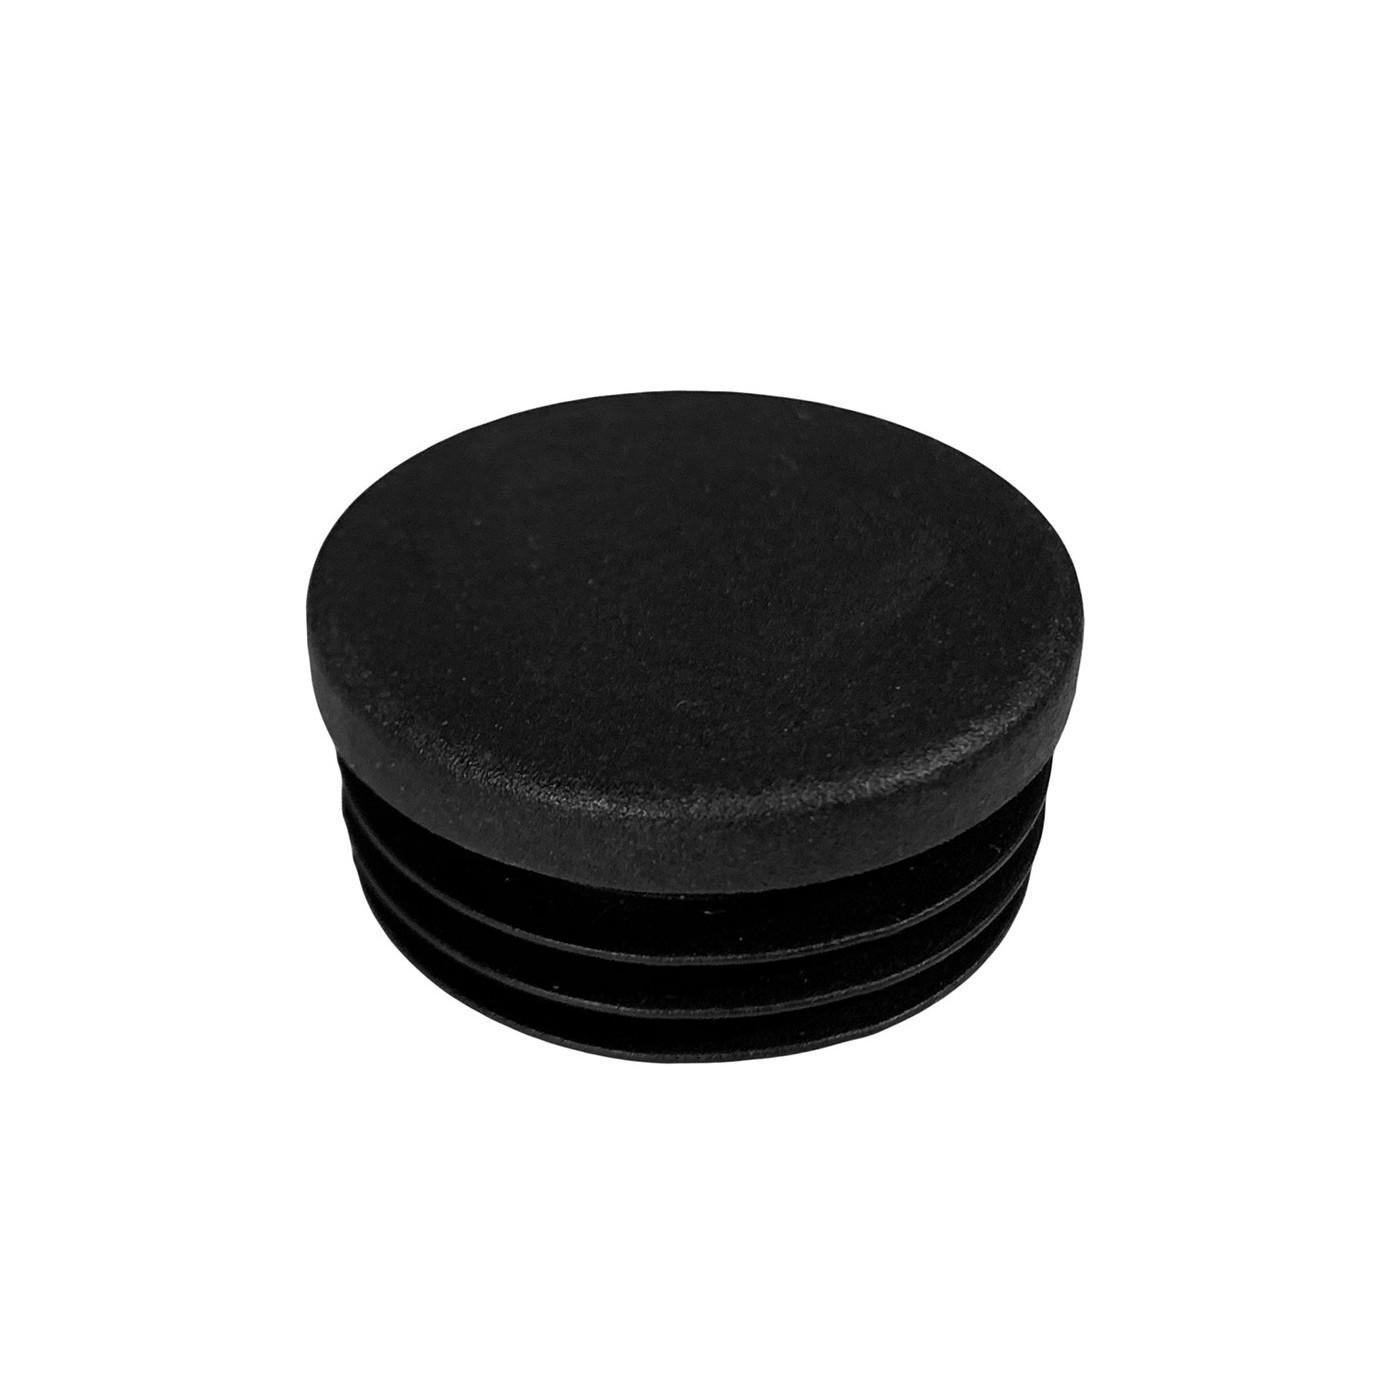 Jeu de 32 couvre-pieds de chaise en plastique (intérieur, rond, 22 mm, noir) [I-RO-22-B]  - 1